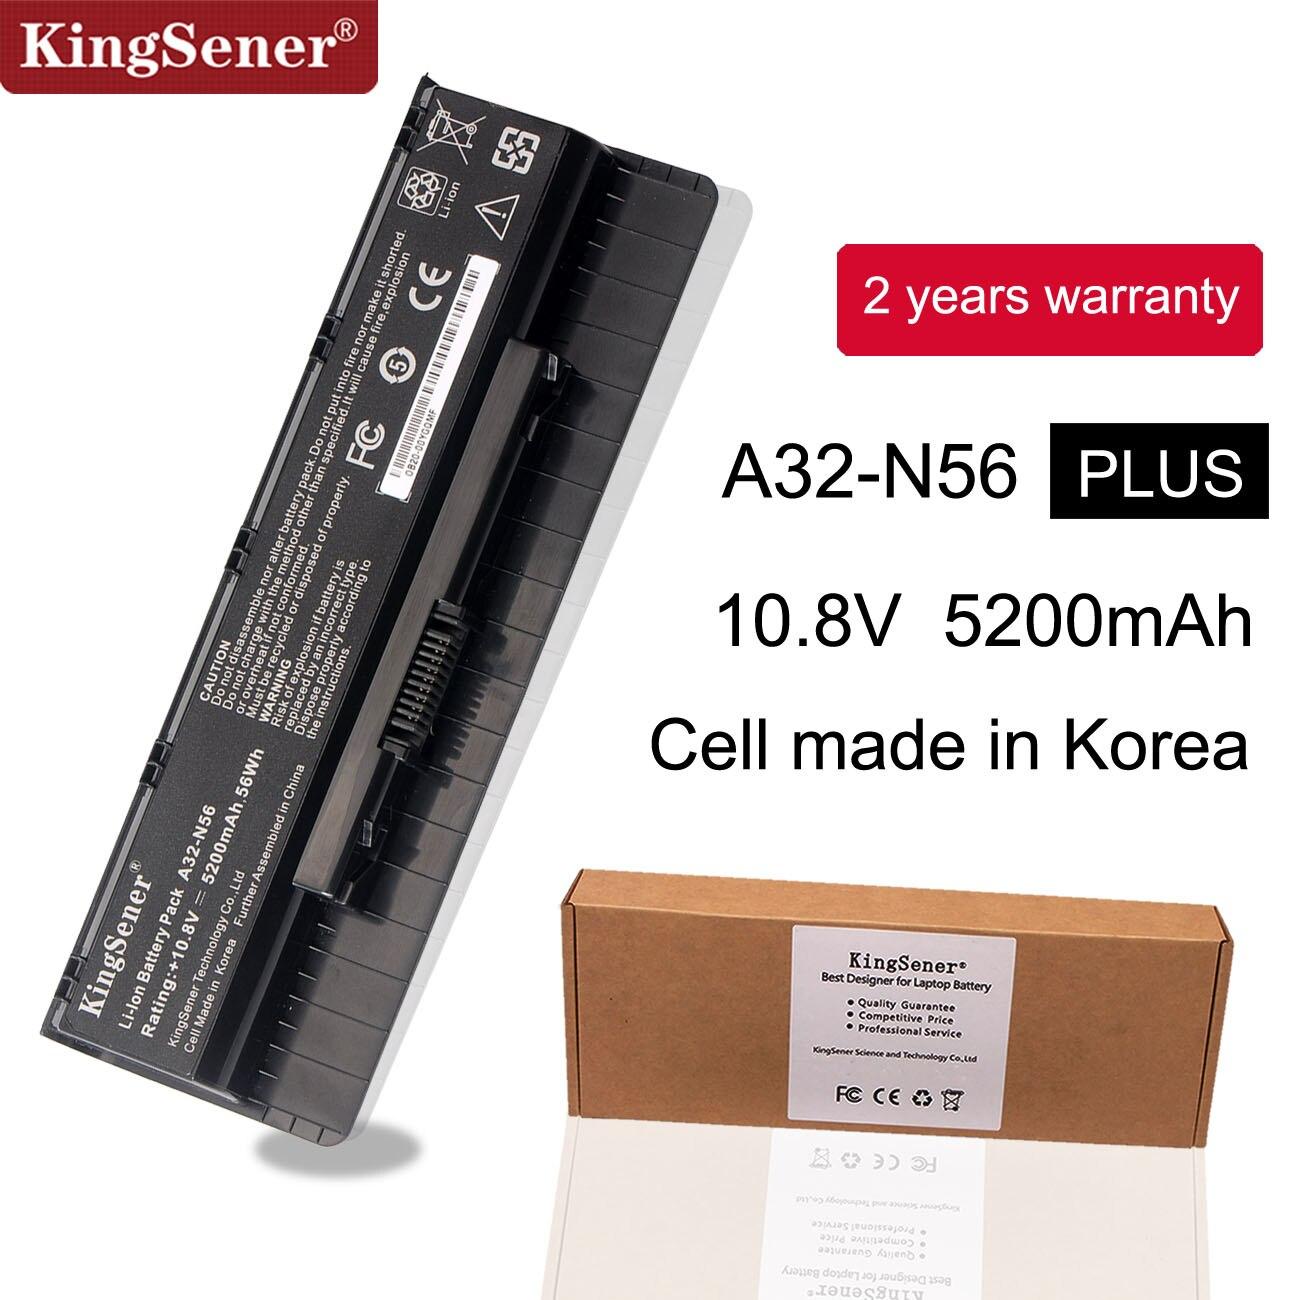 10.8V 5200mAh Corée Portable Nouveau A32-N56 Batterie pour ASUS N46 N46V N46VJ N46VM N46VZ N56 N56V N56VJ N56VM N76 N76VZ A31-N56 A33-N56